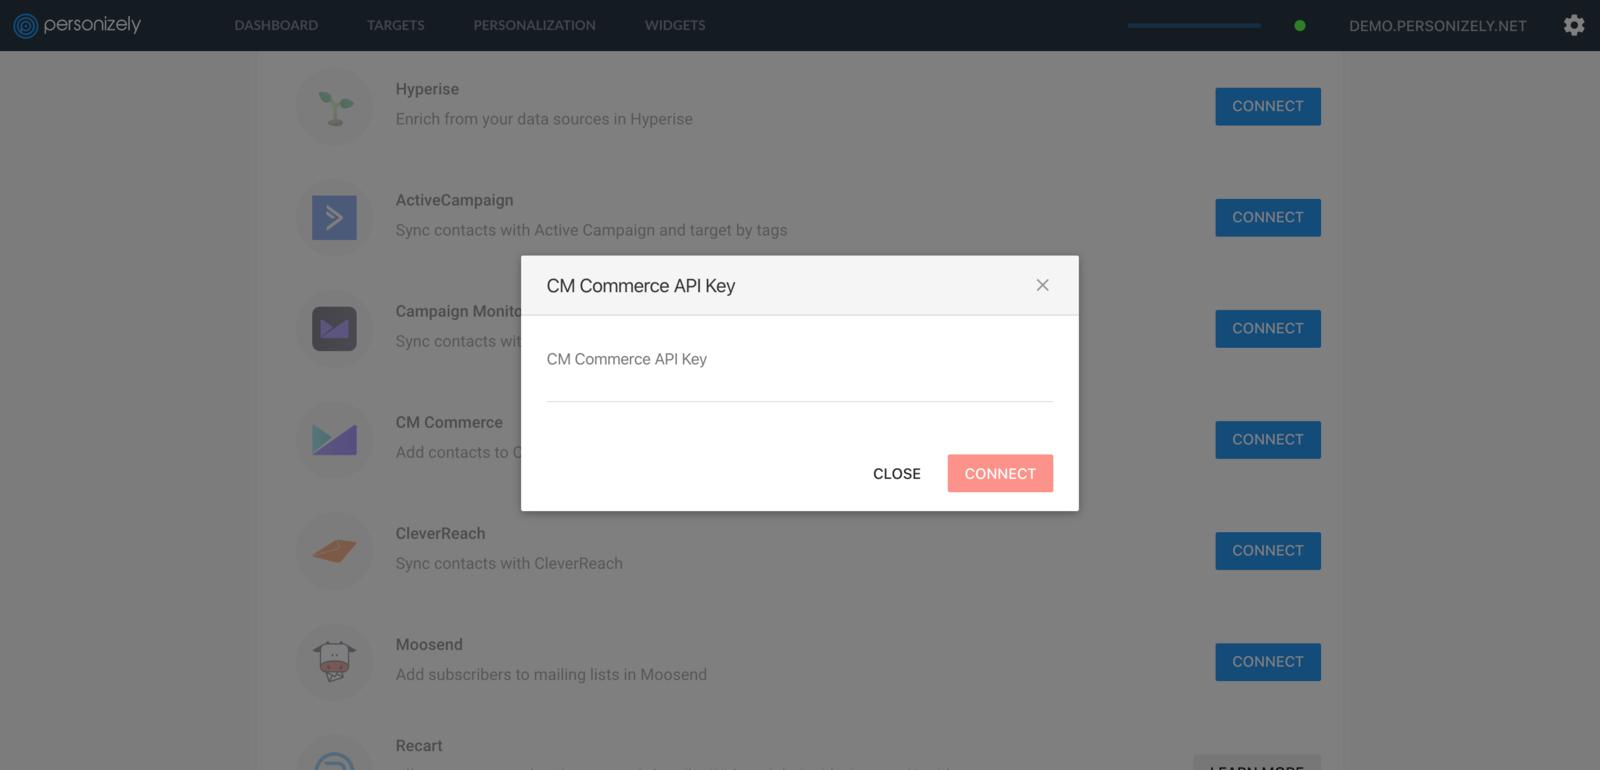 CM Commerce API